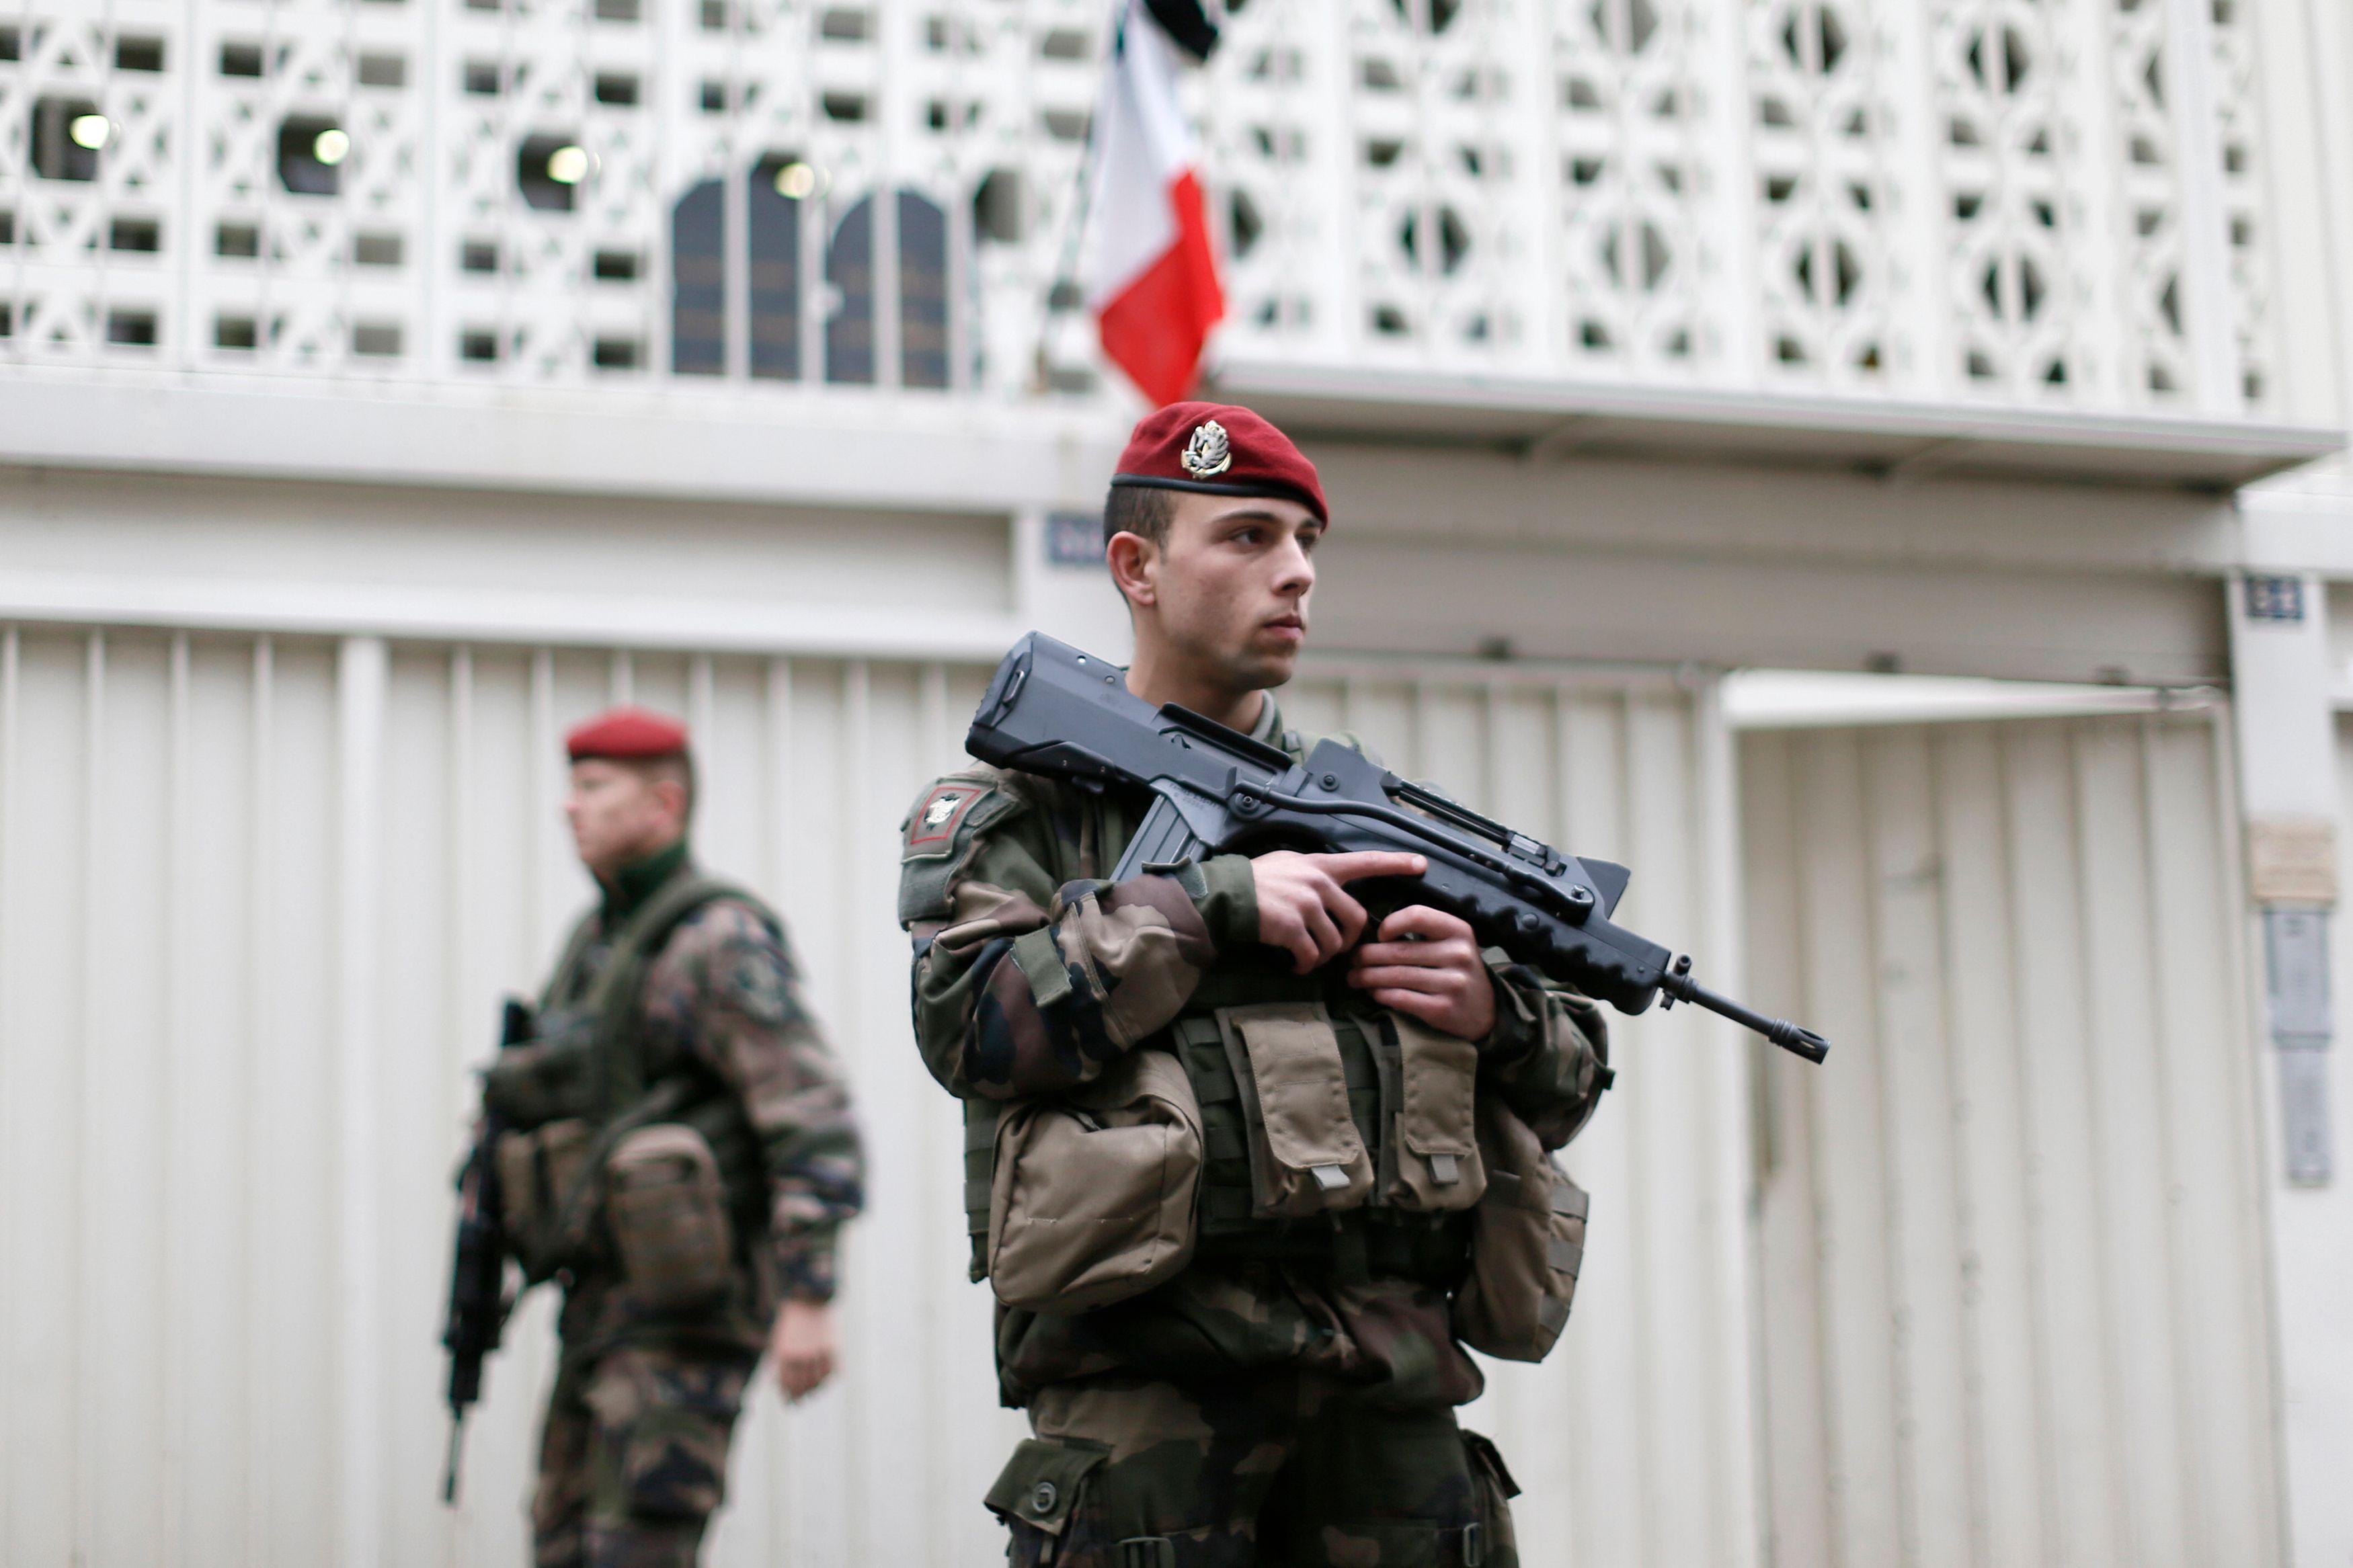 La question terroriste est toujours très présente et impacte fortement la vie politique.